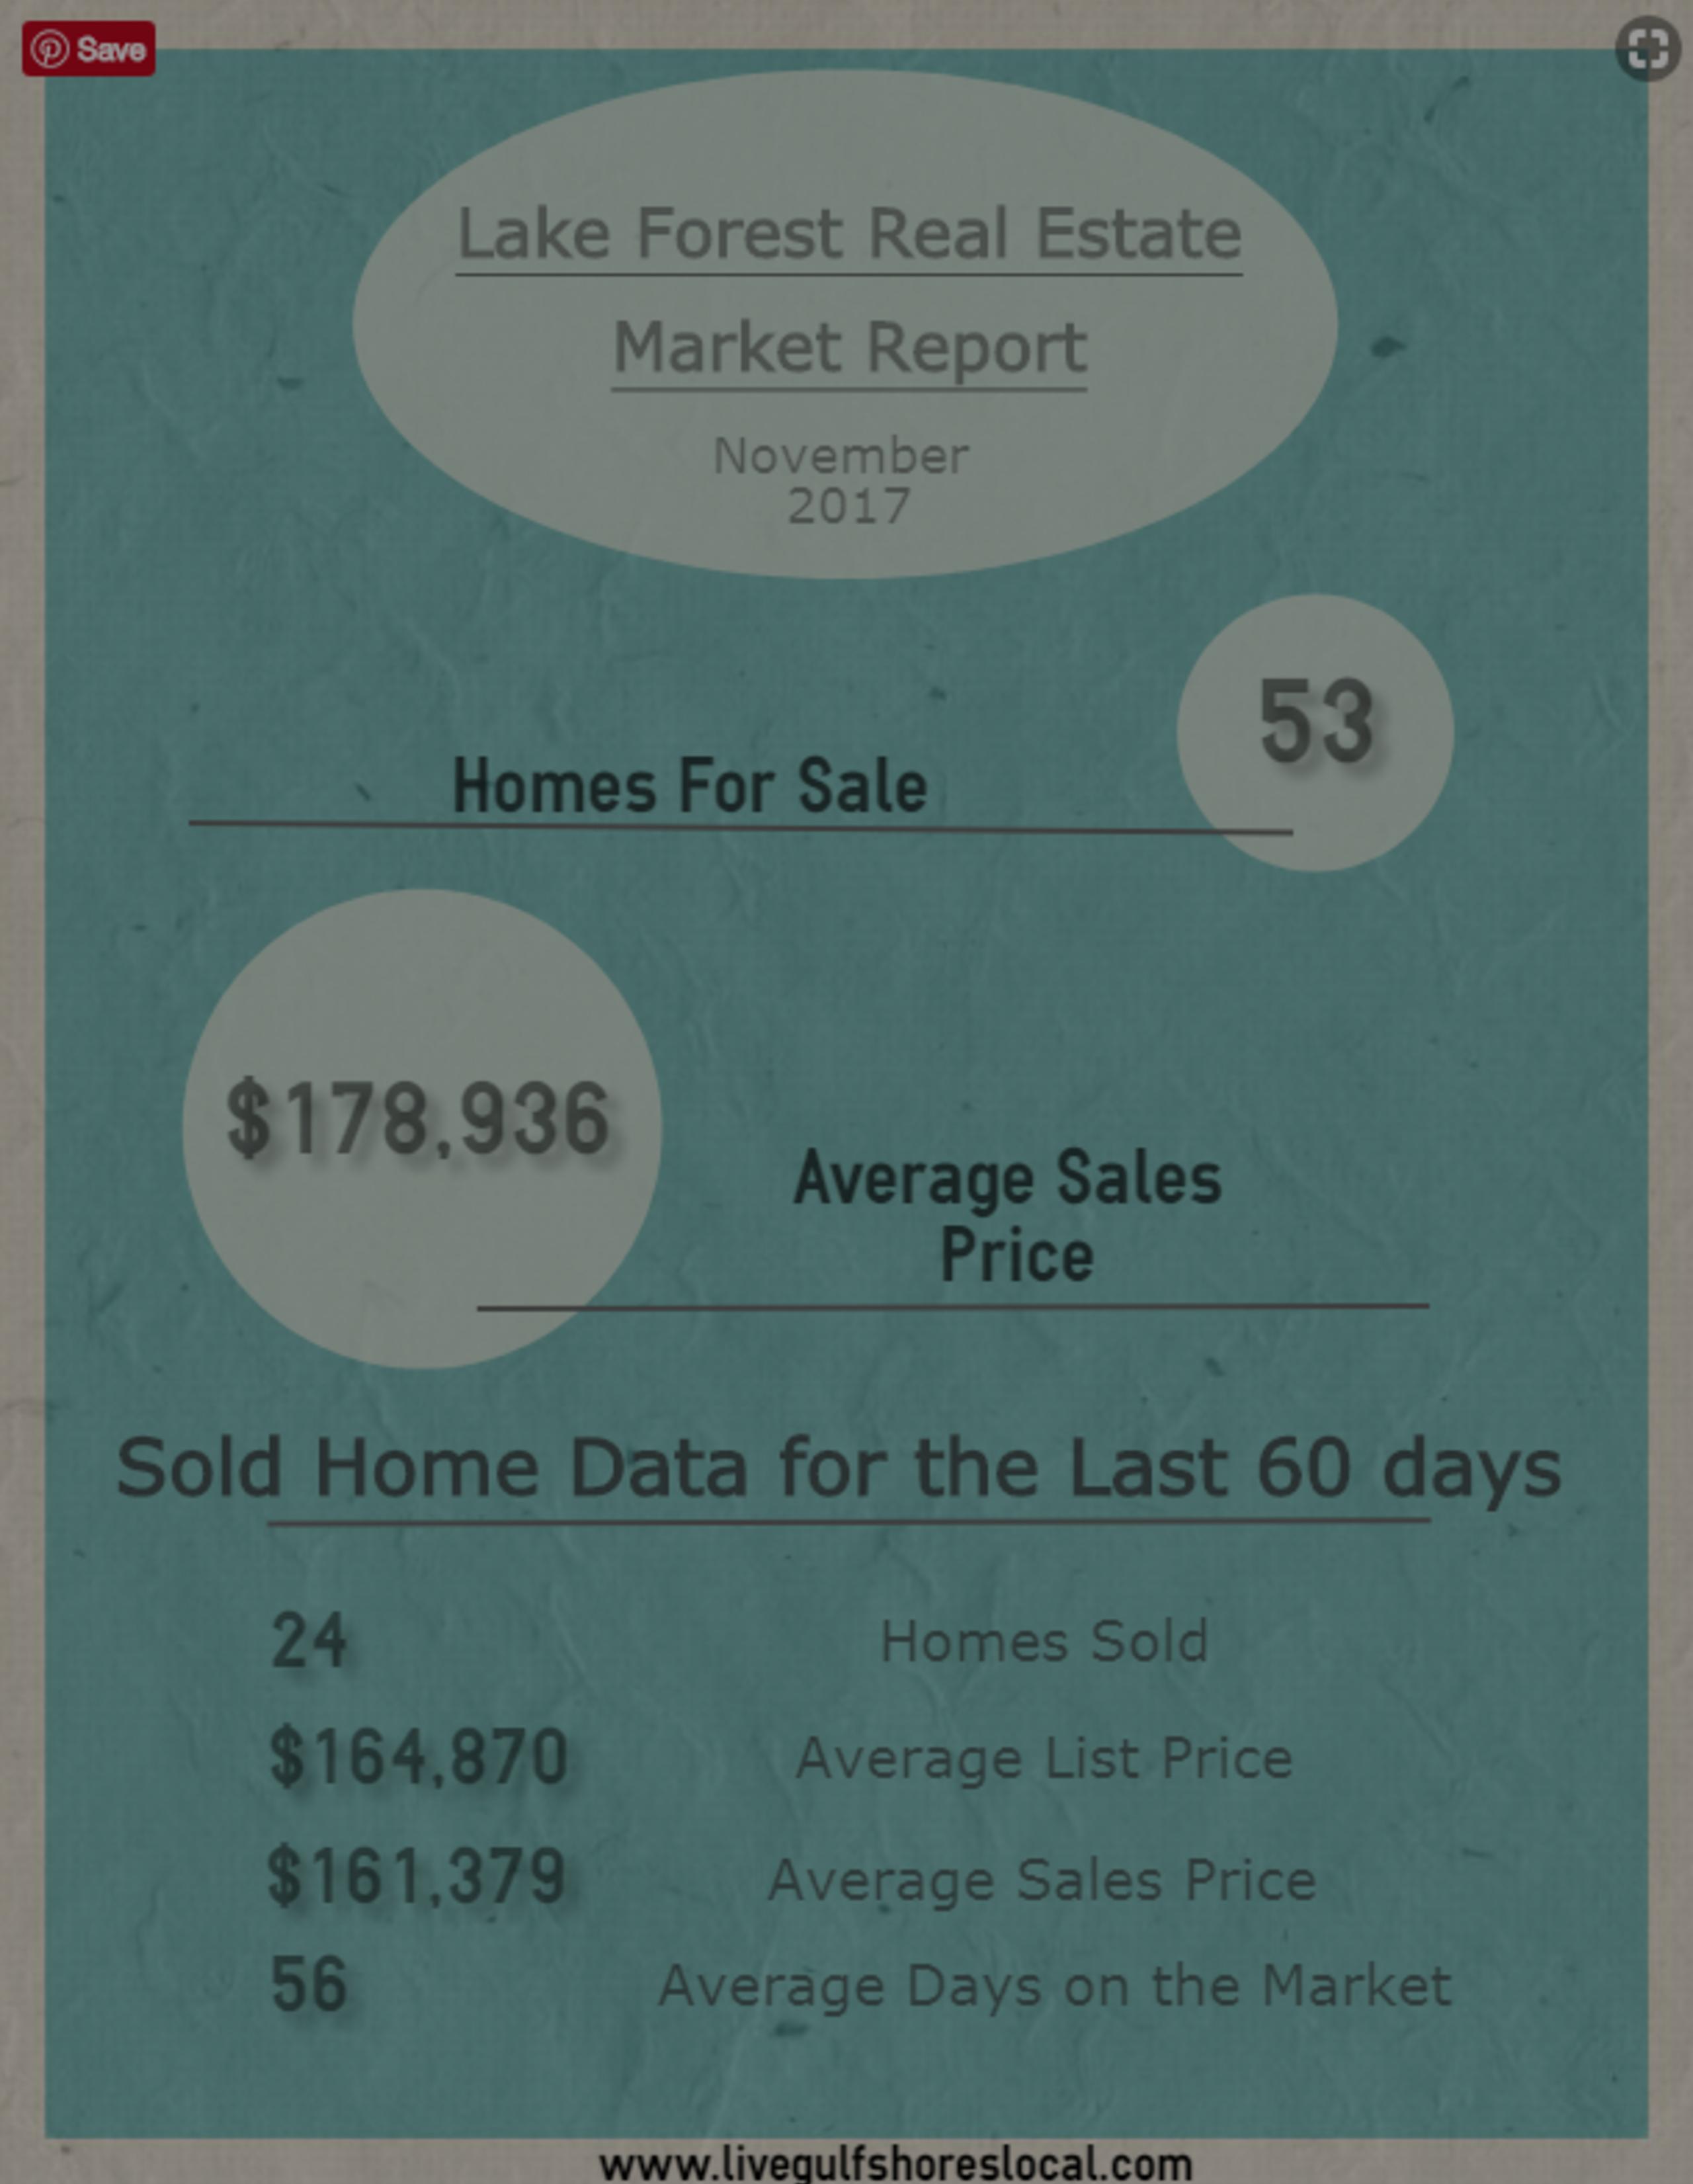 Lake Forest Real Estate Market Report – November 2017